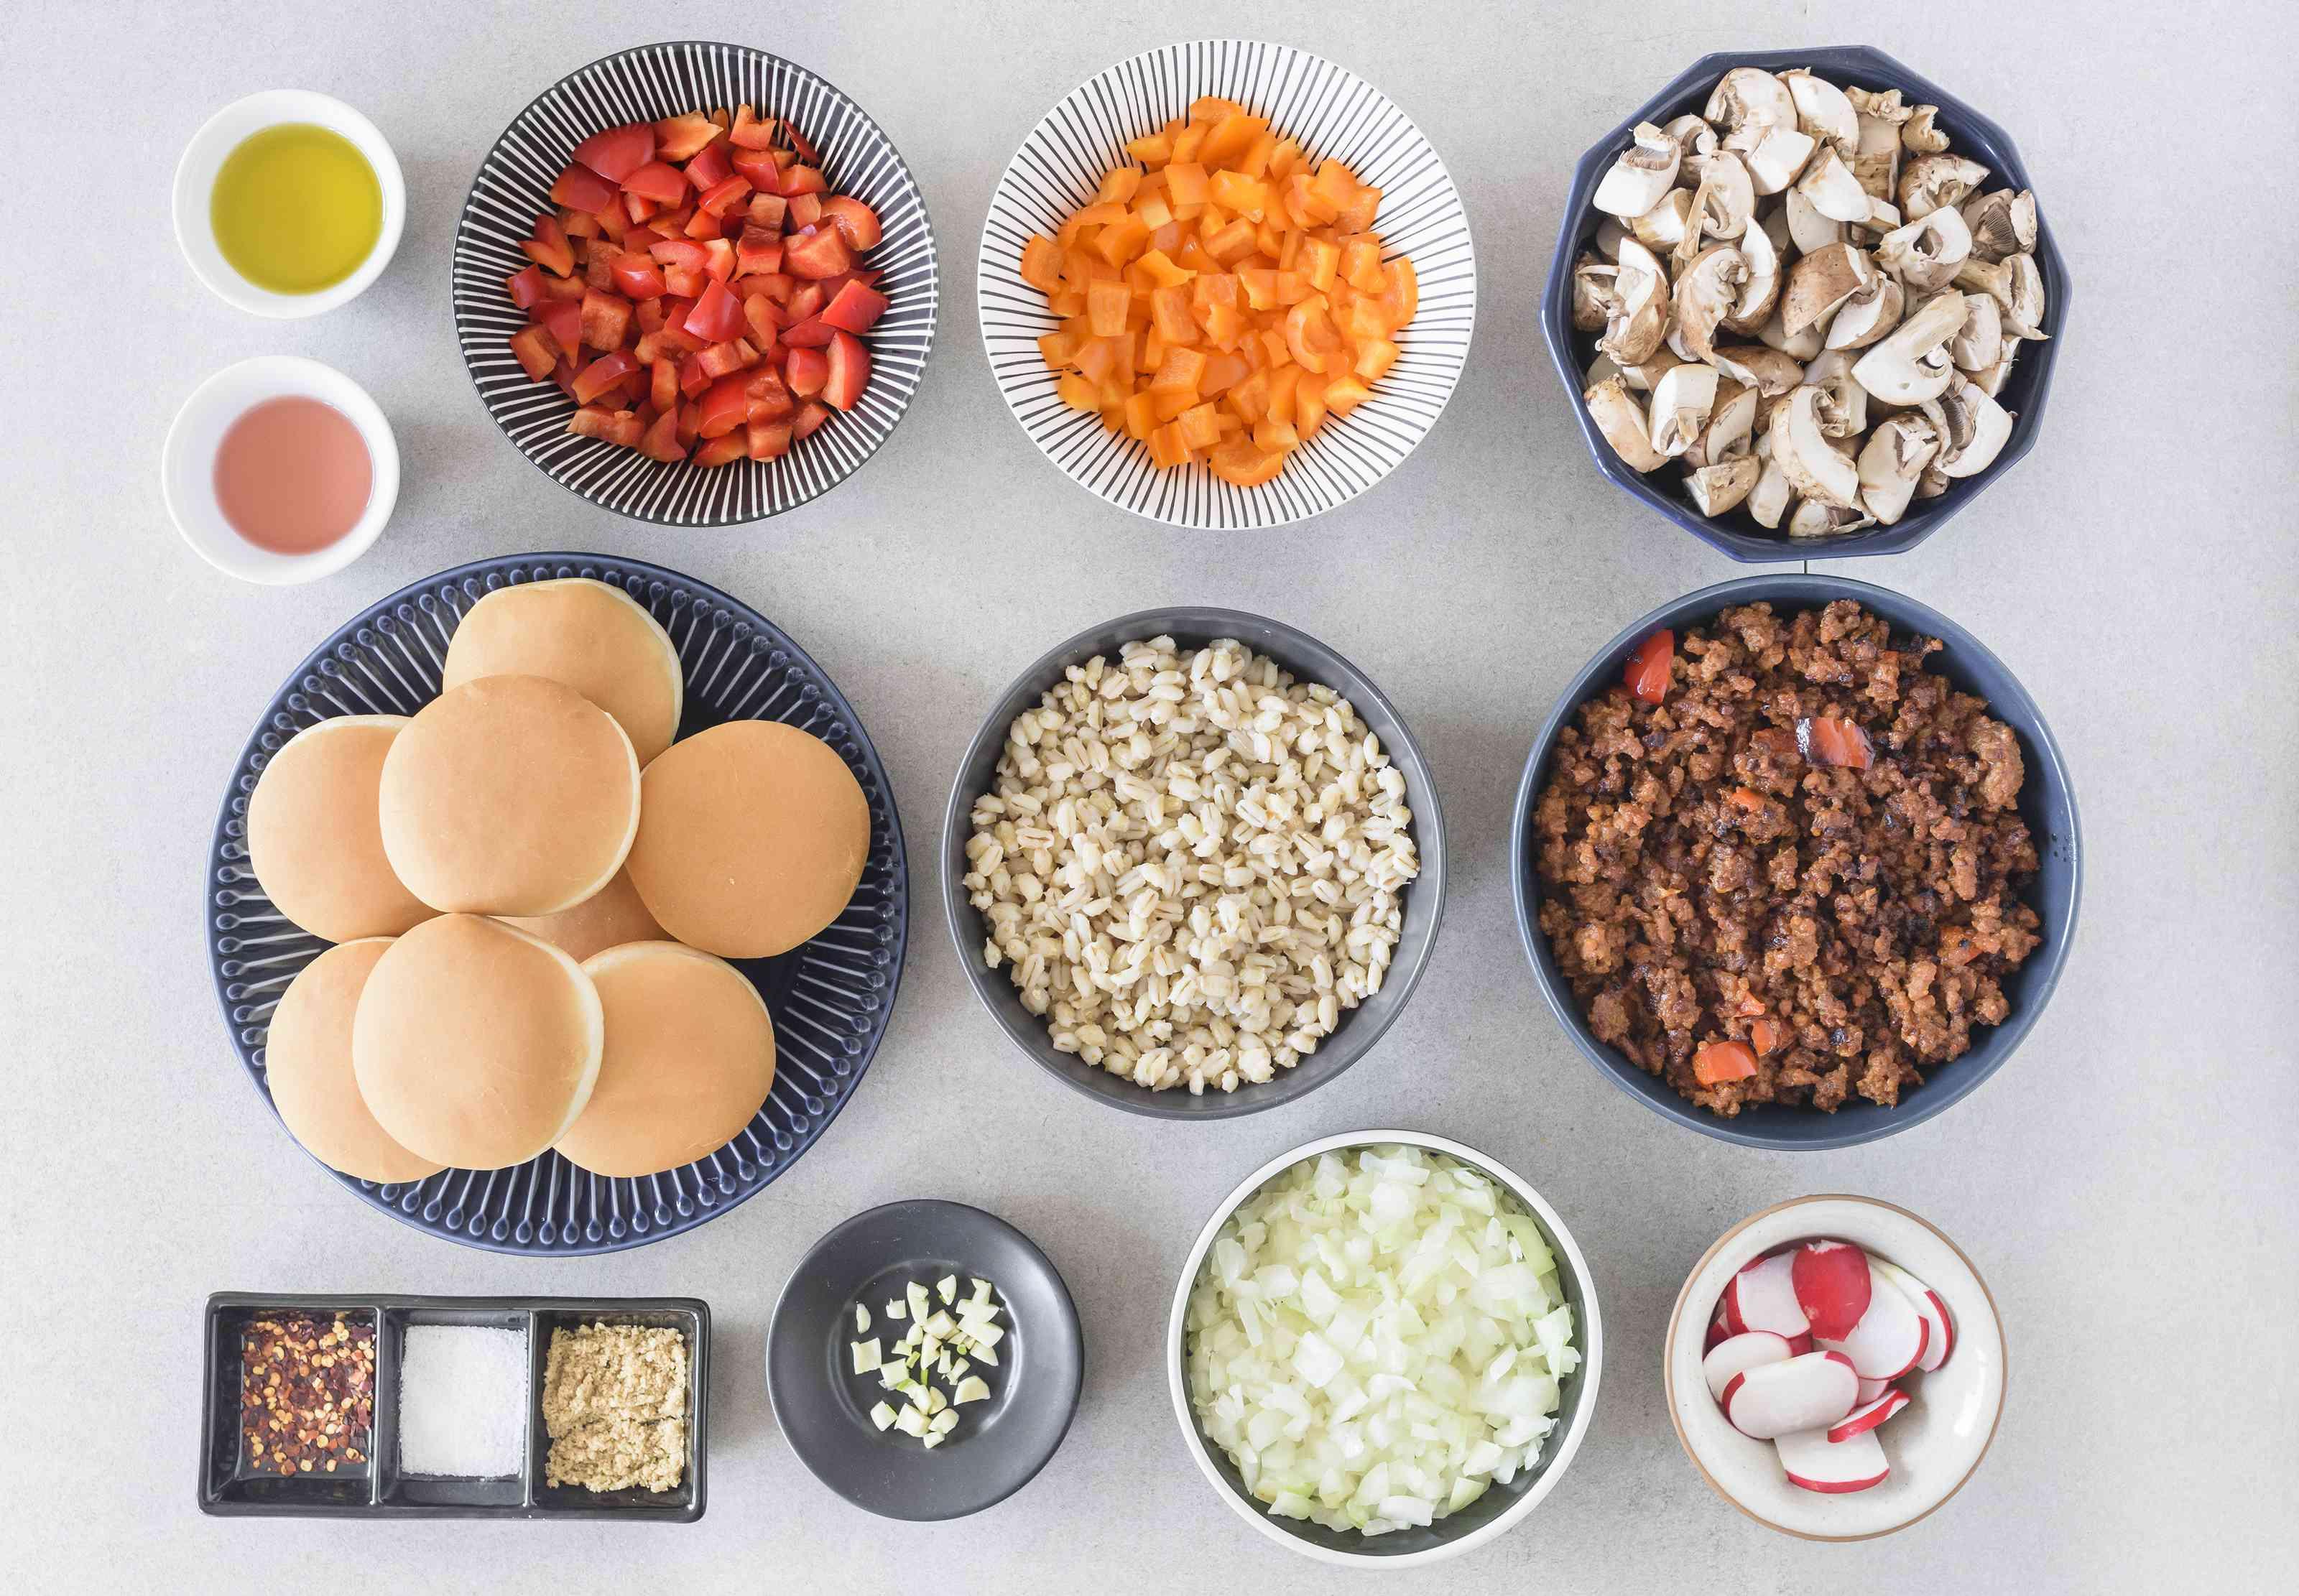 Ingredients for vegetarian Sloppy Joes